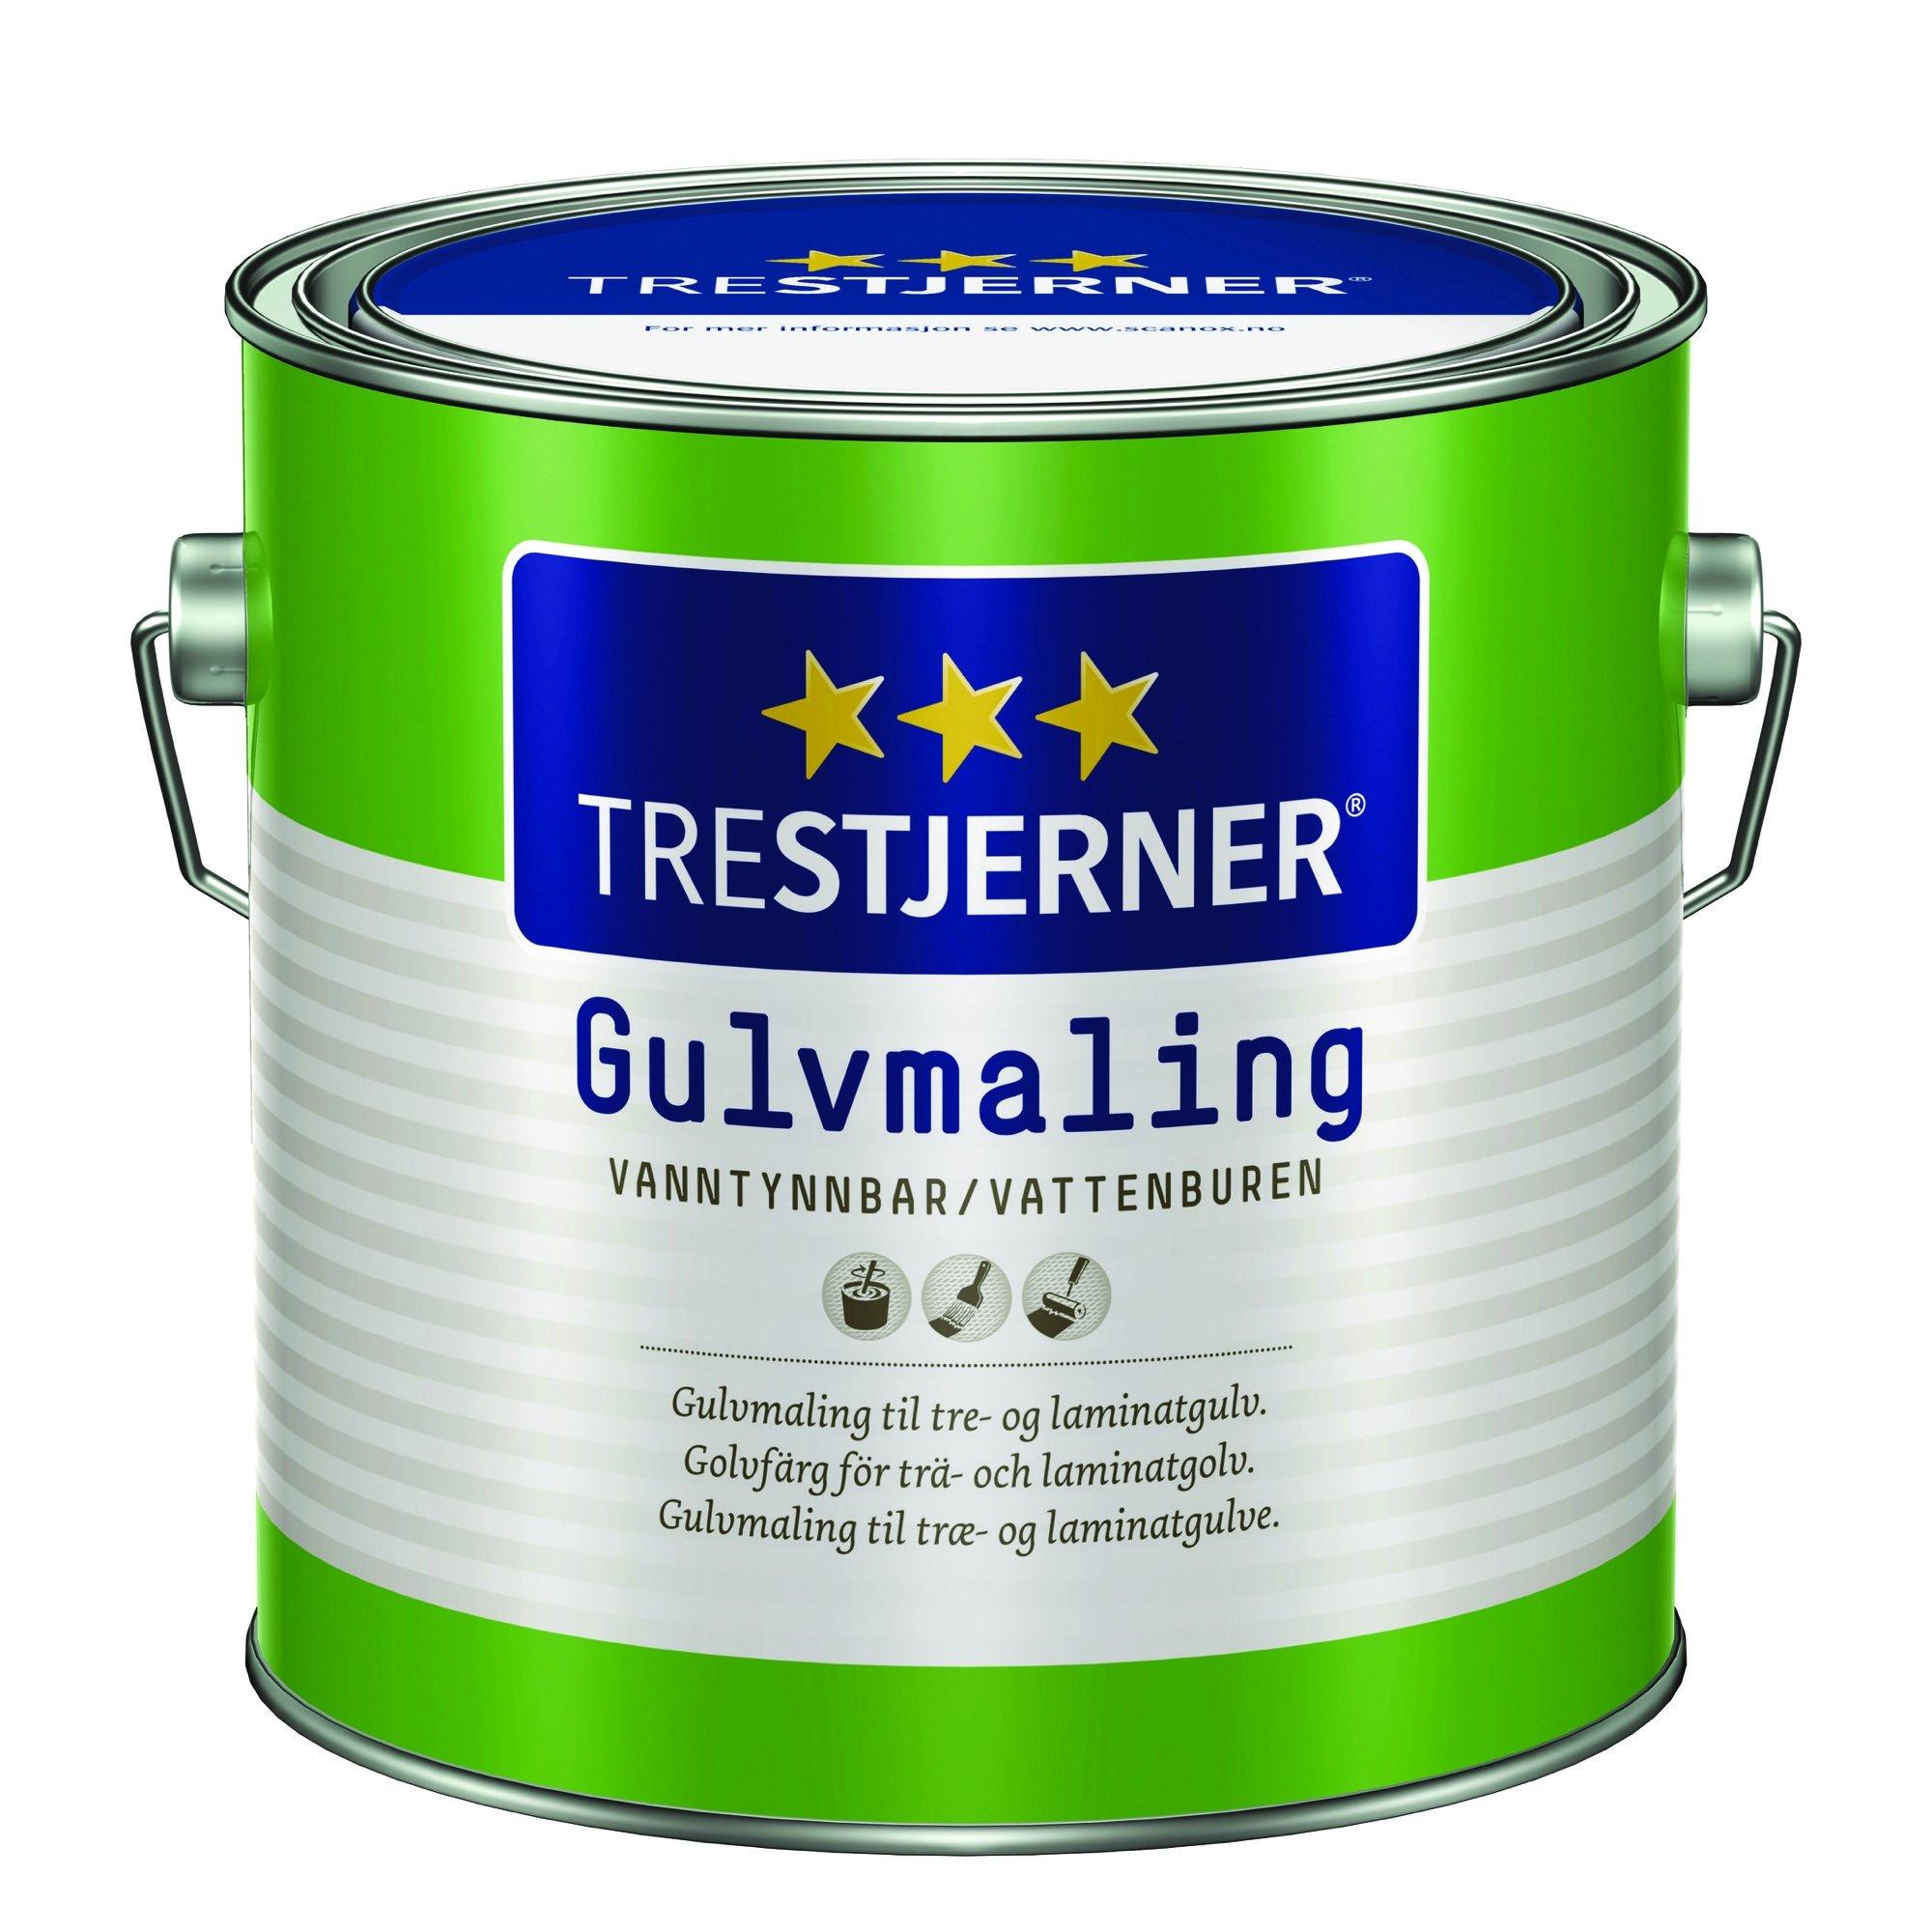 Trestjerner Gulvmaling Træ, Laminat & Beton-2,7 L